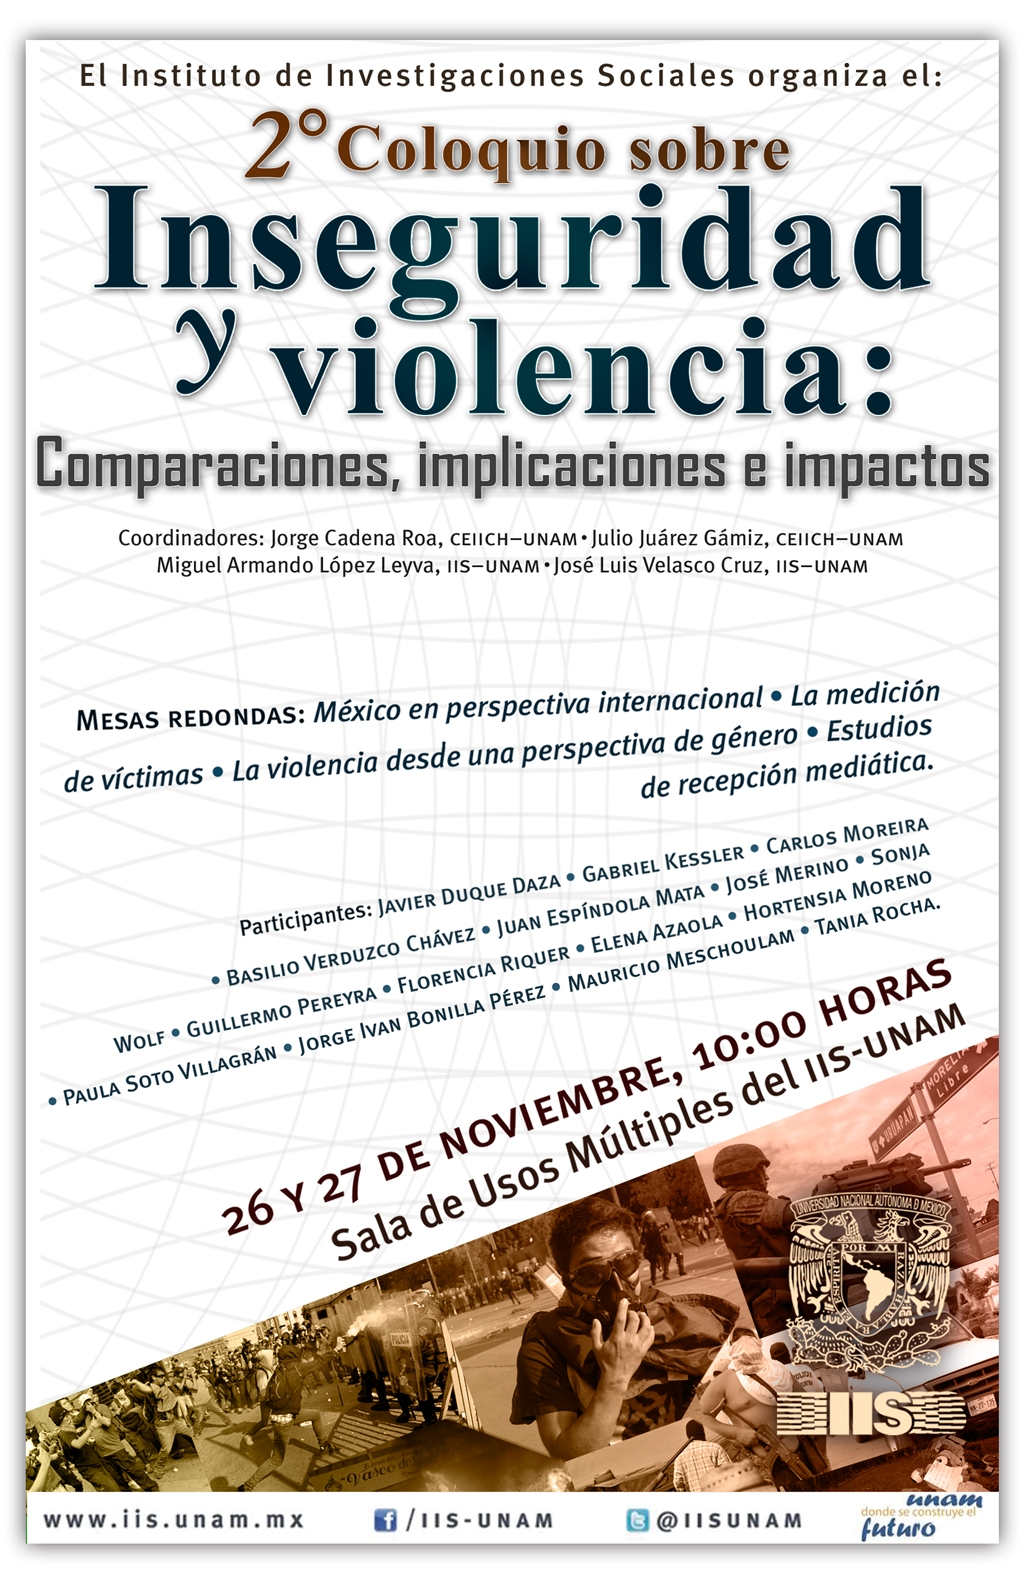 Cartel Segundo Coloquio Inseguridad y violencia